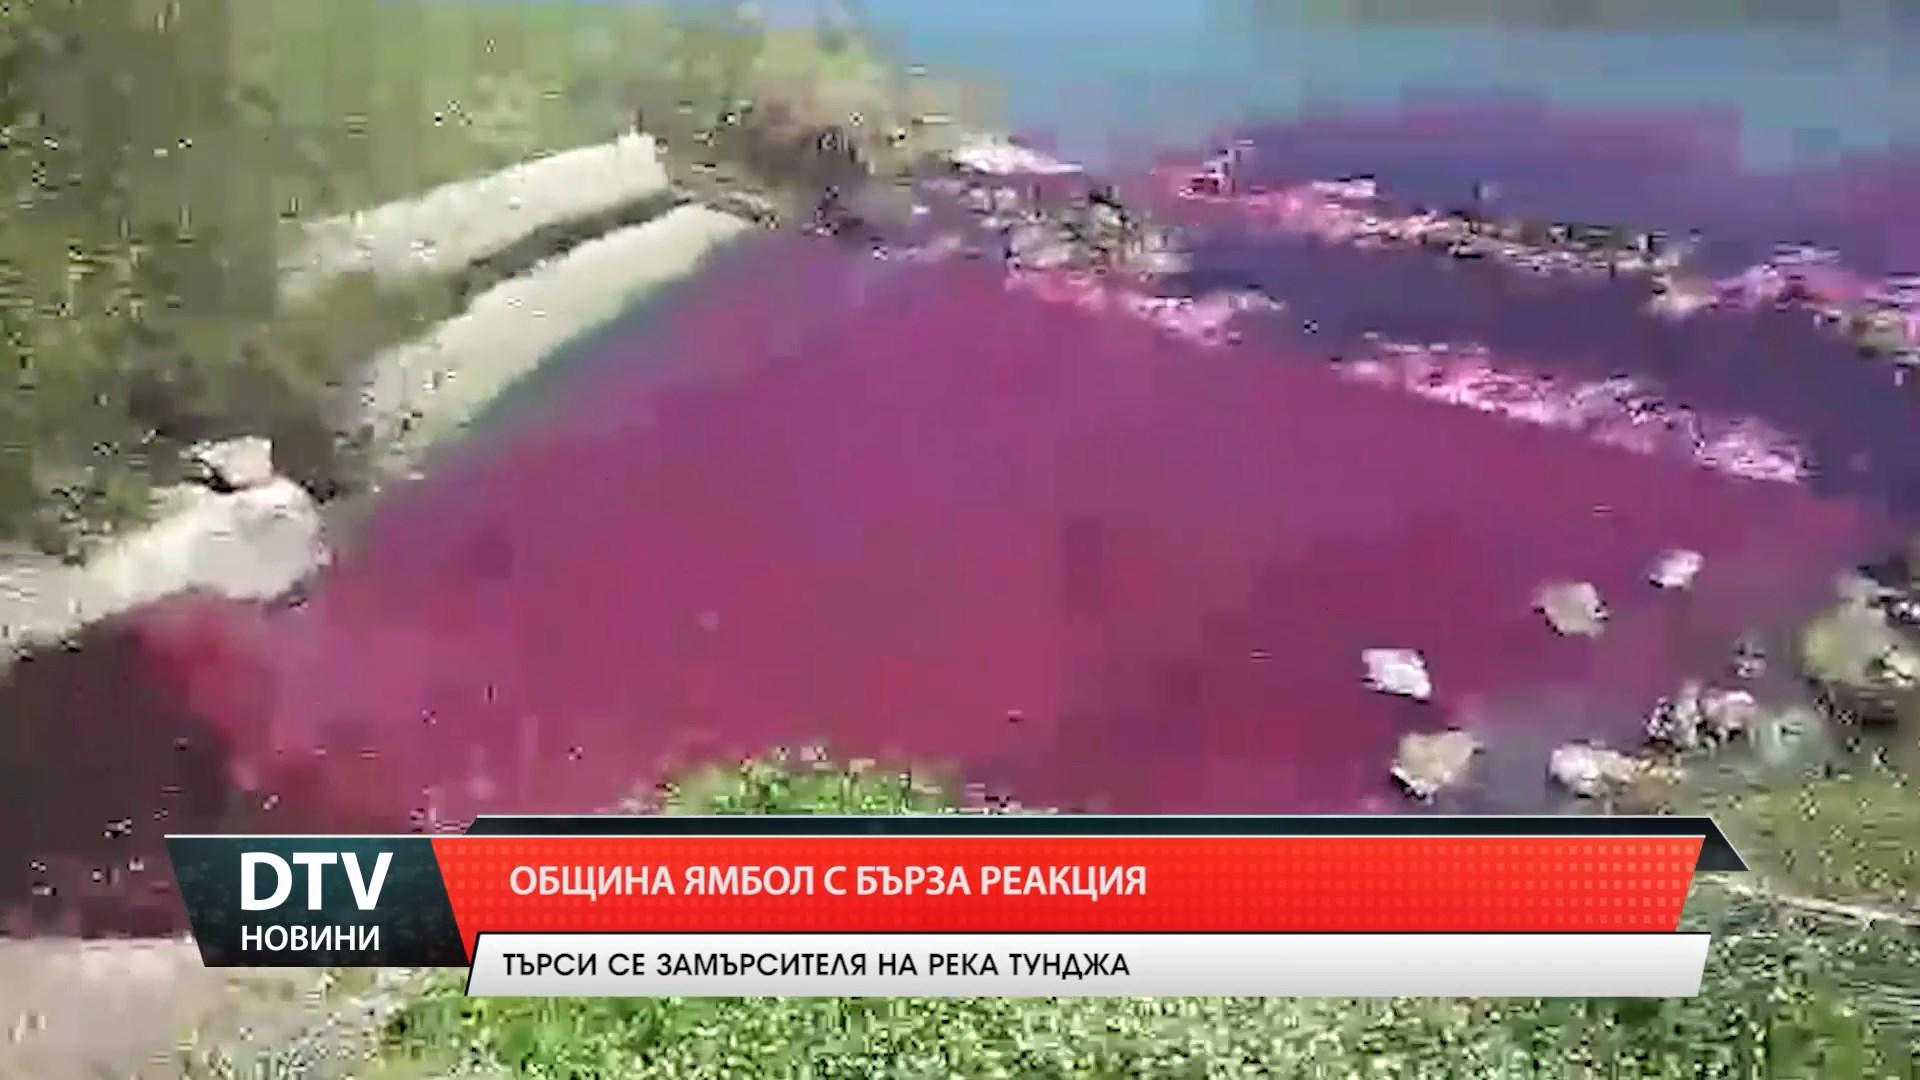 Бърза реакция на Община Ямбол за замърсяване на Тунджа